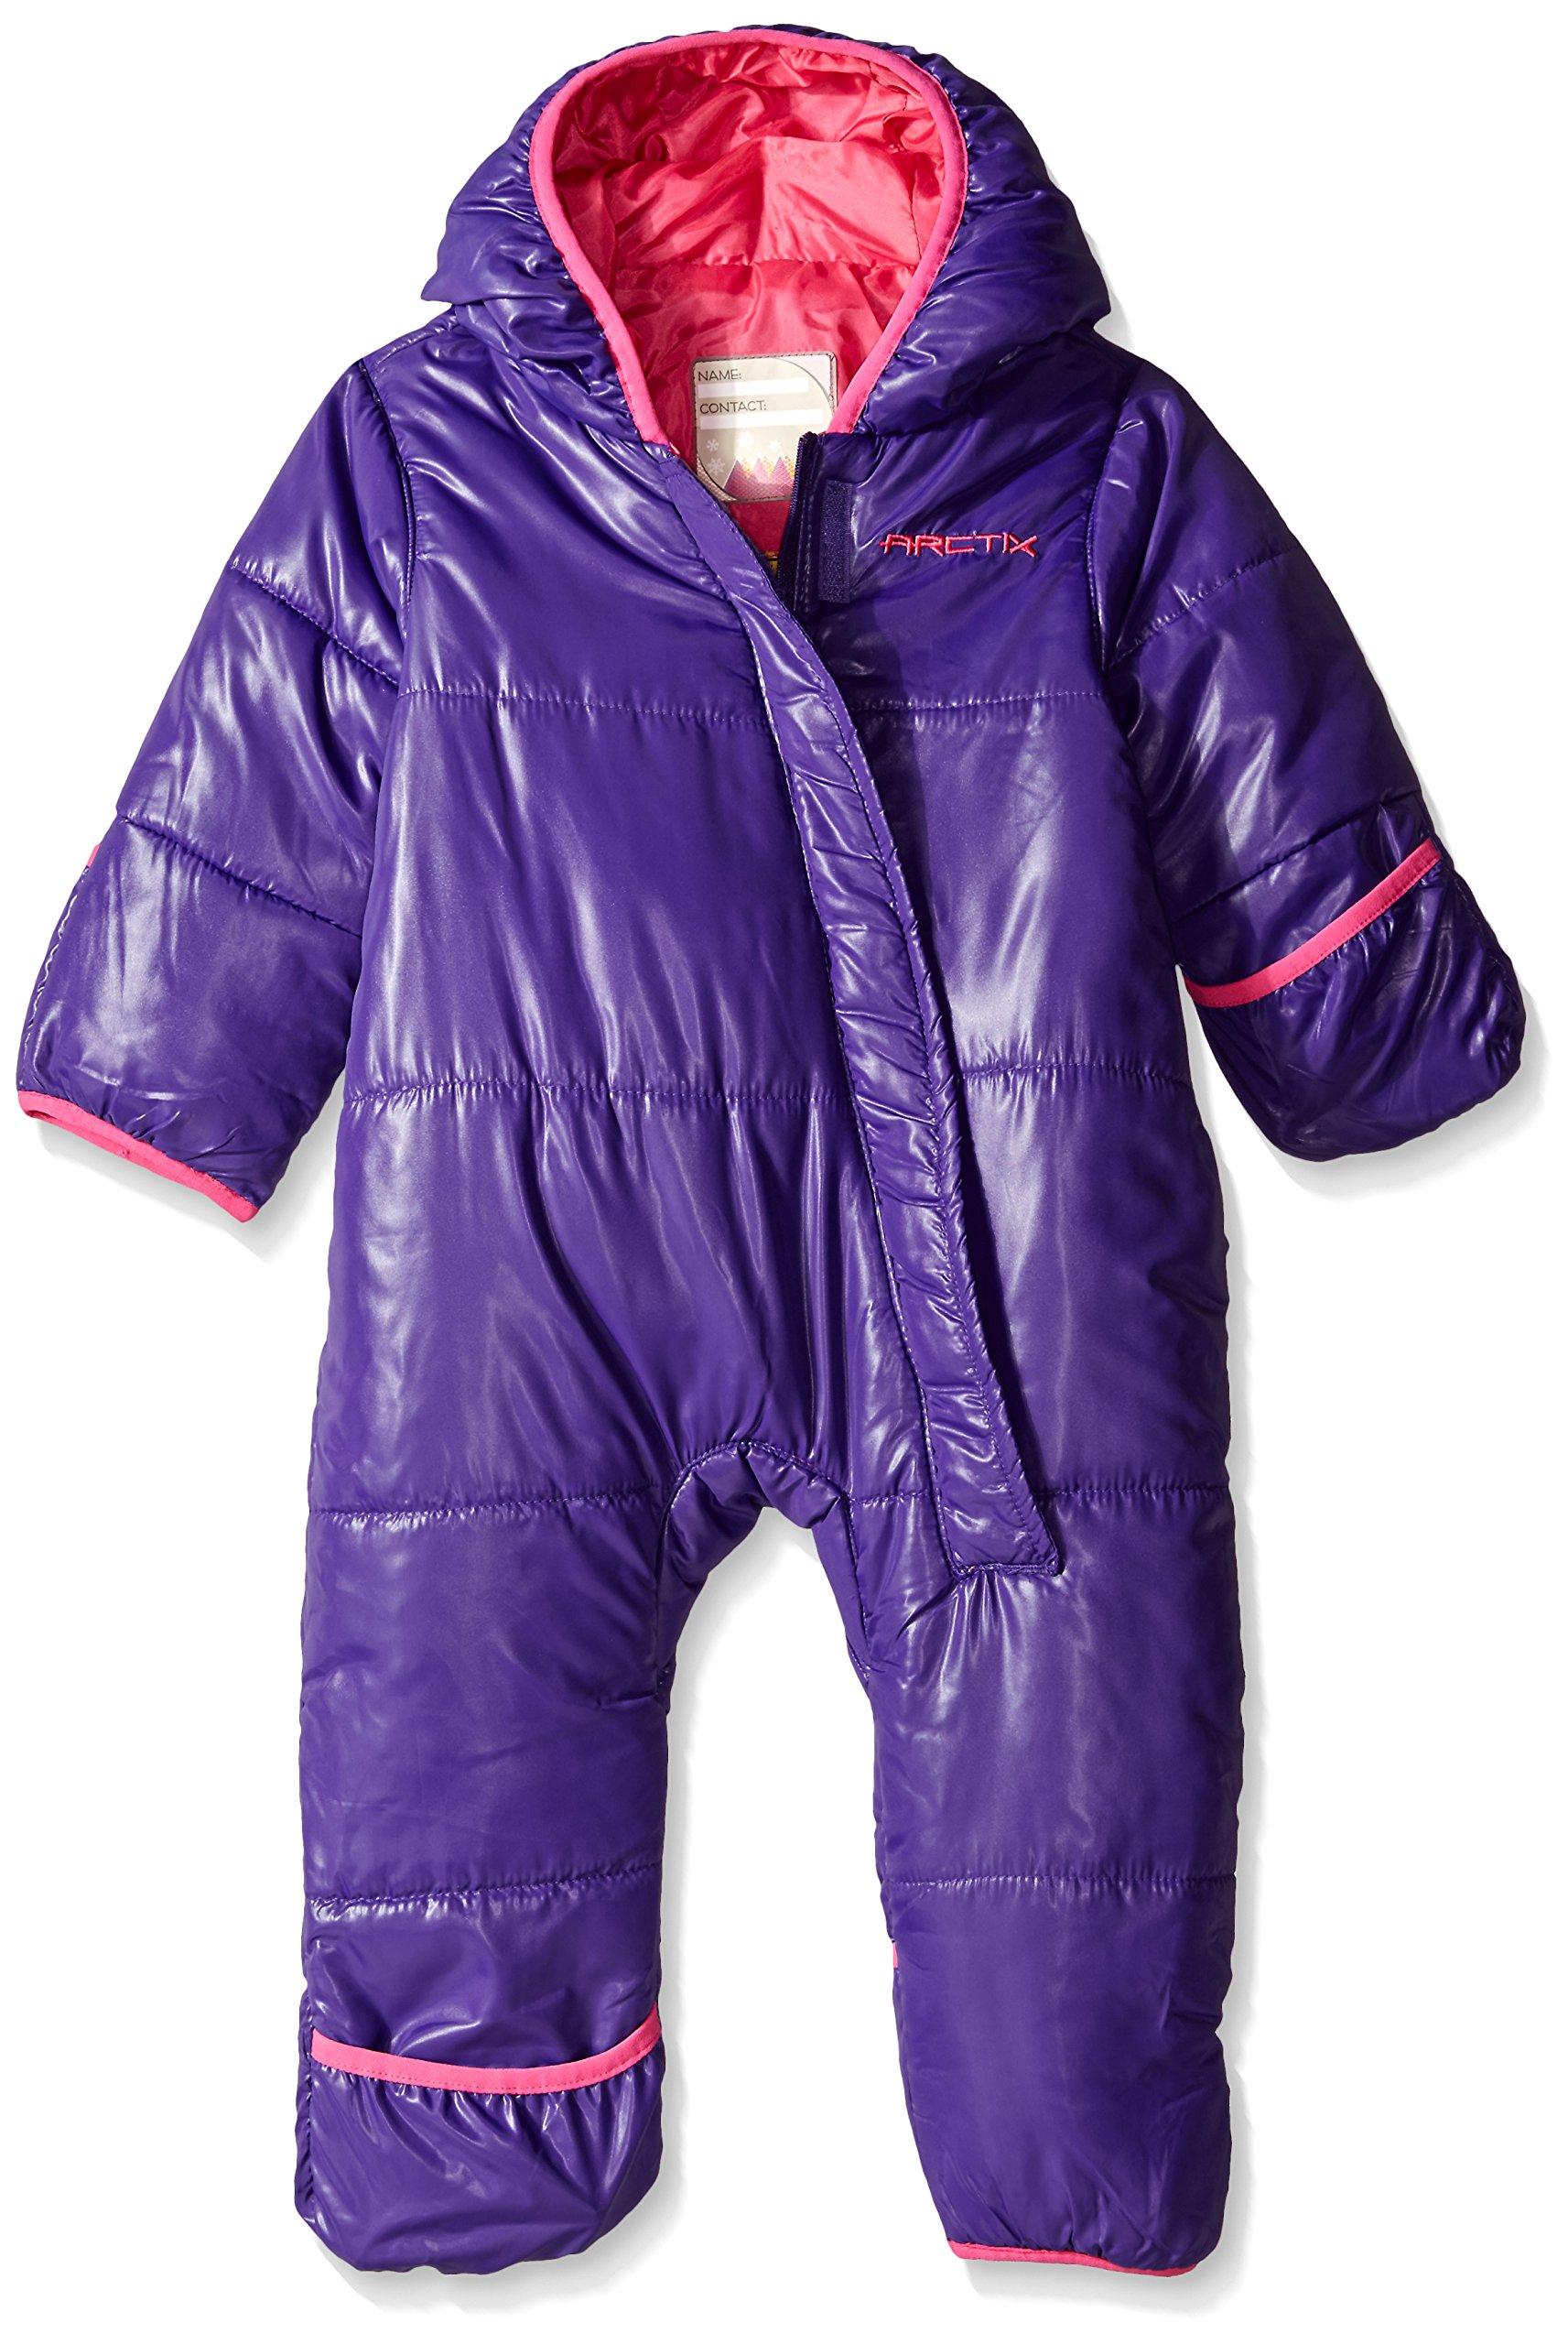 Arctix Infant Bunting Snow Suit, Purple, 12-18 Months by Arctix